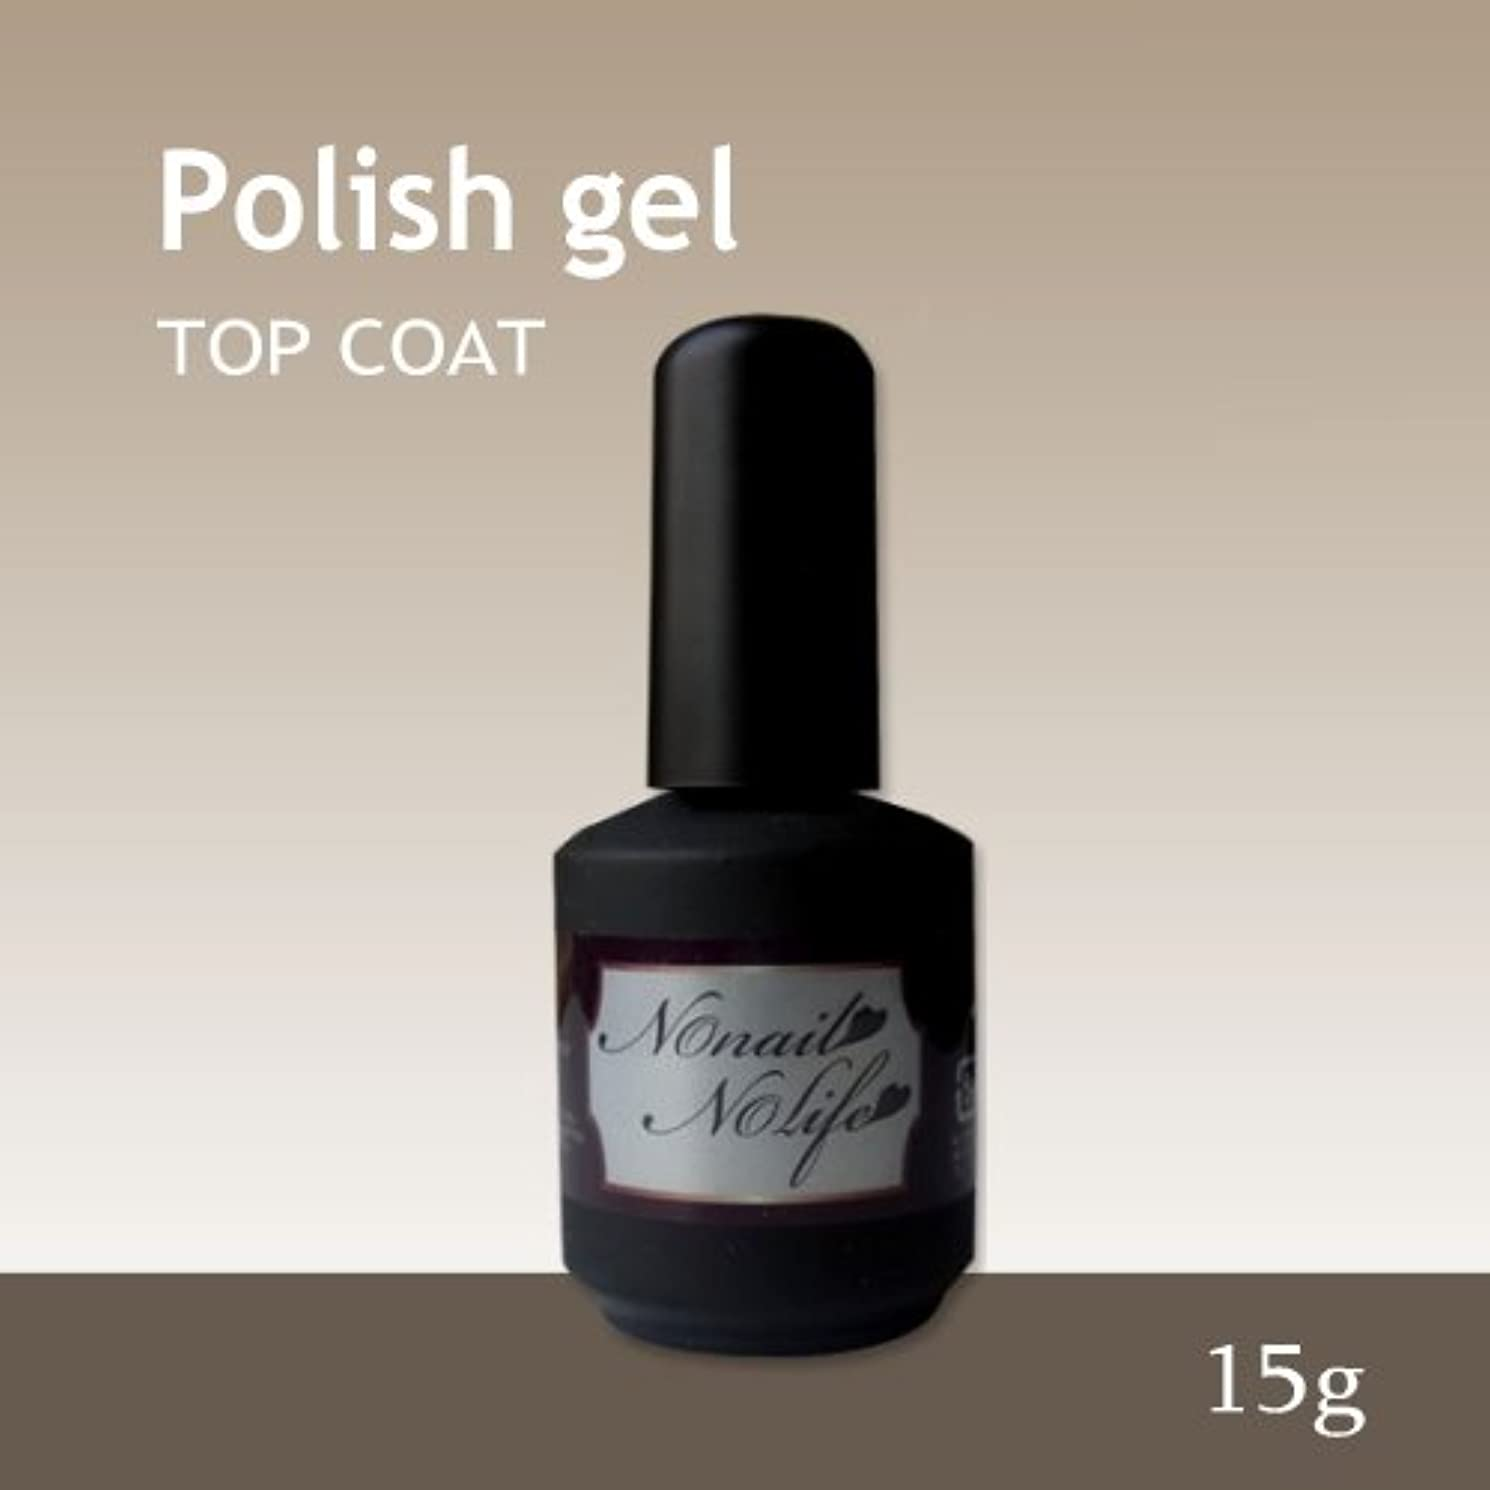 アライメント指みジェルネイル《爪に優しいトップコートジェル》Natural Polish ポリッシュトップジェル(15g)